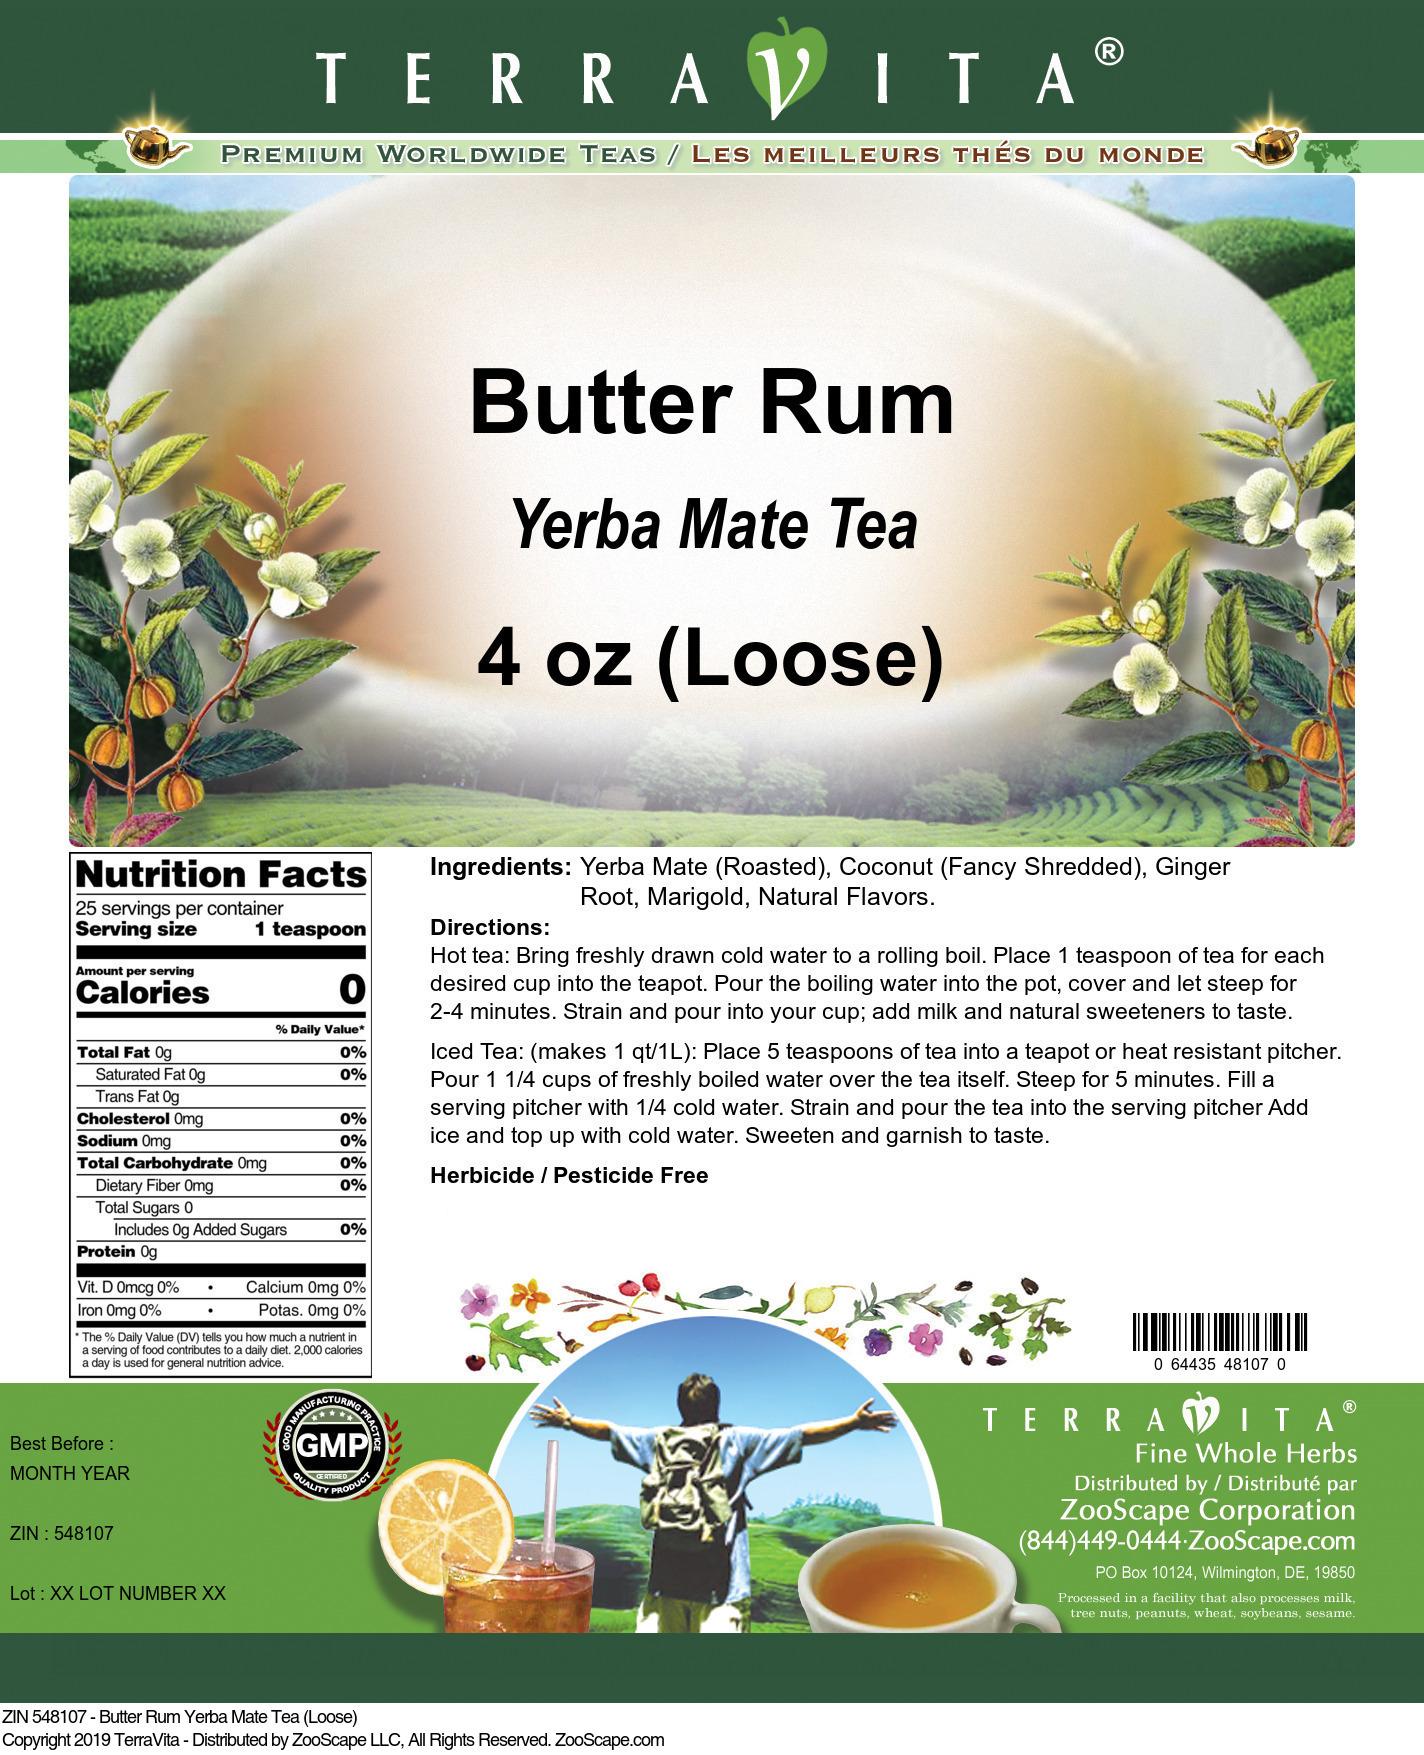 Butter Rum Yerba Mate